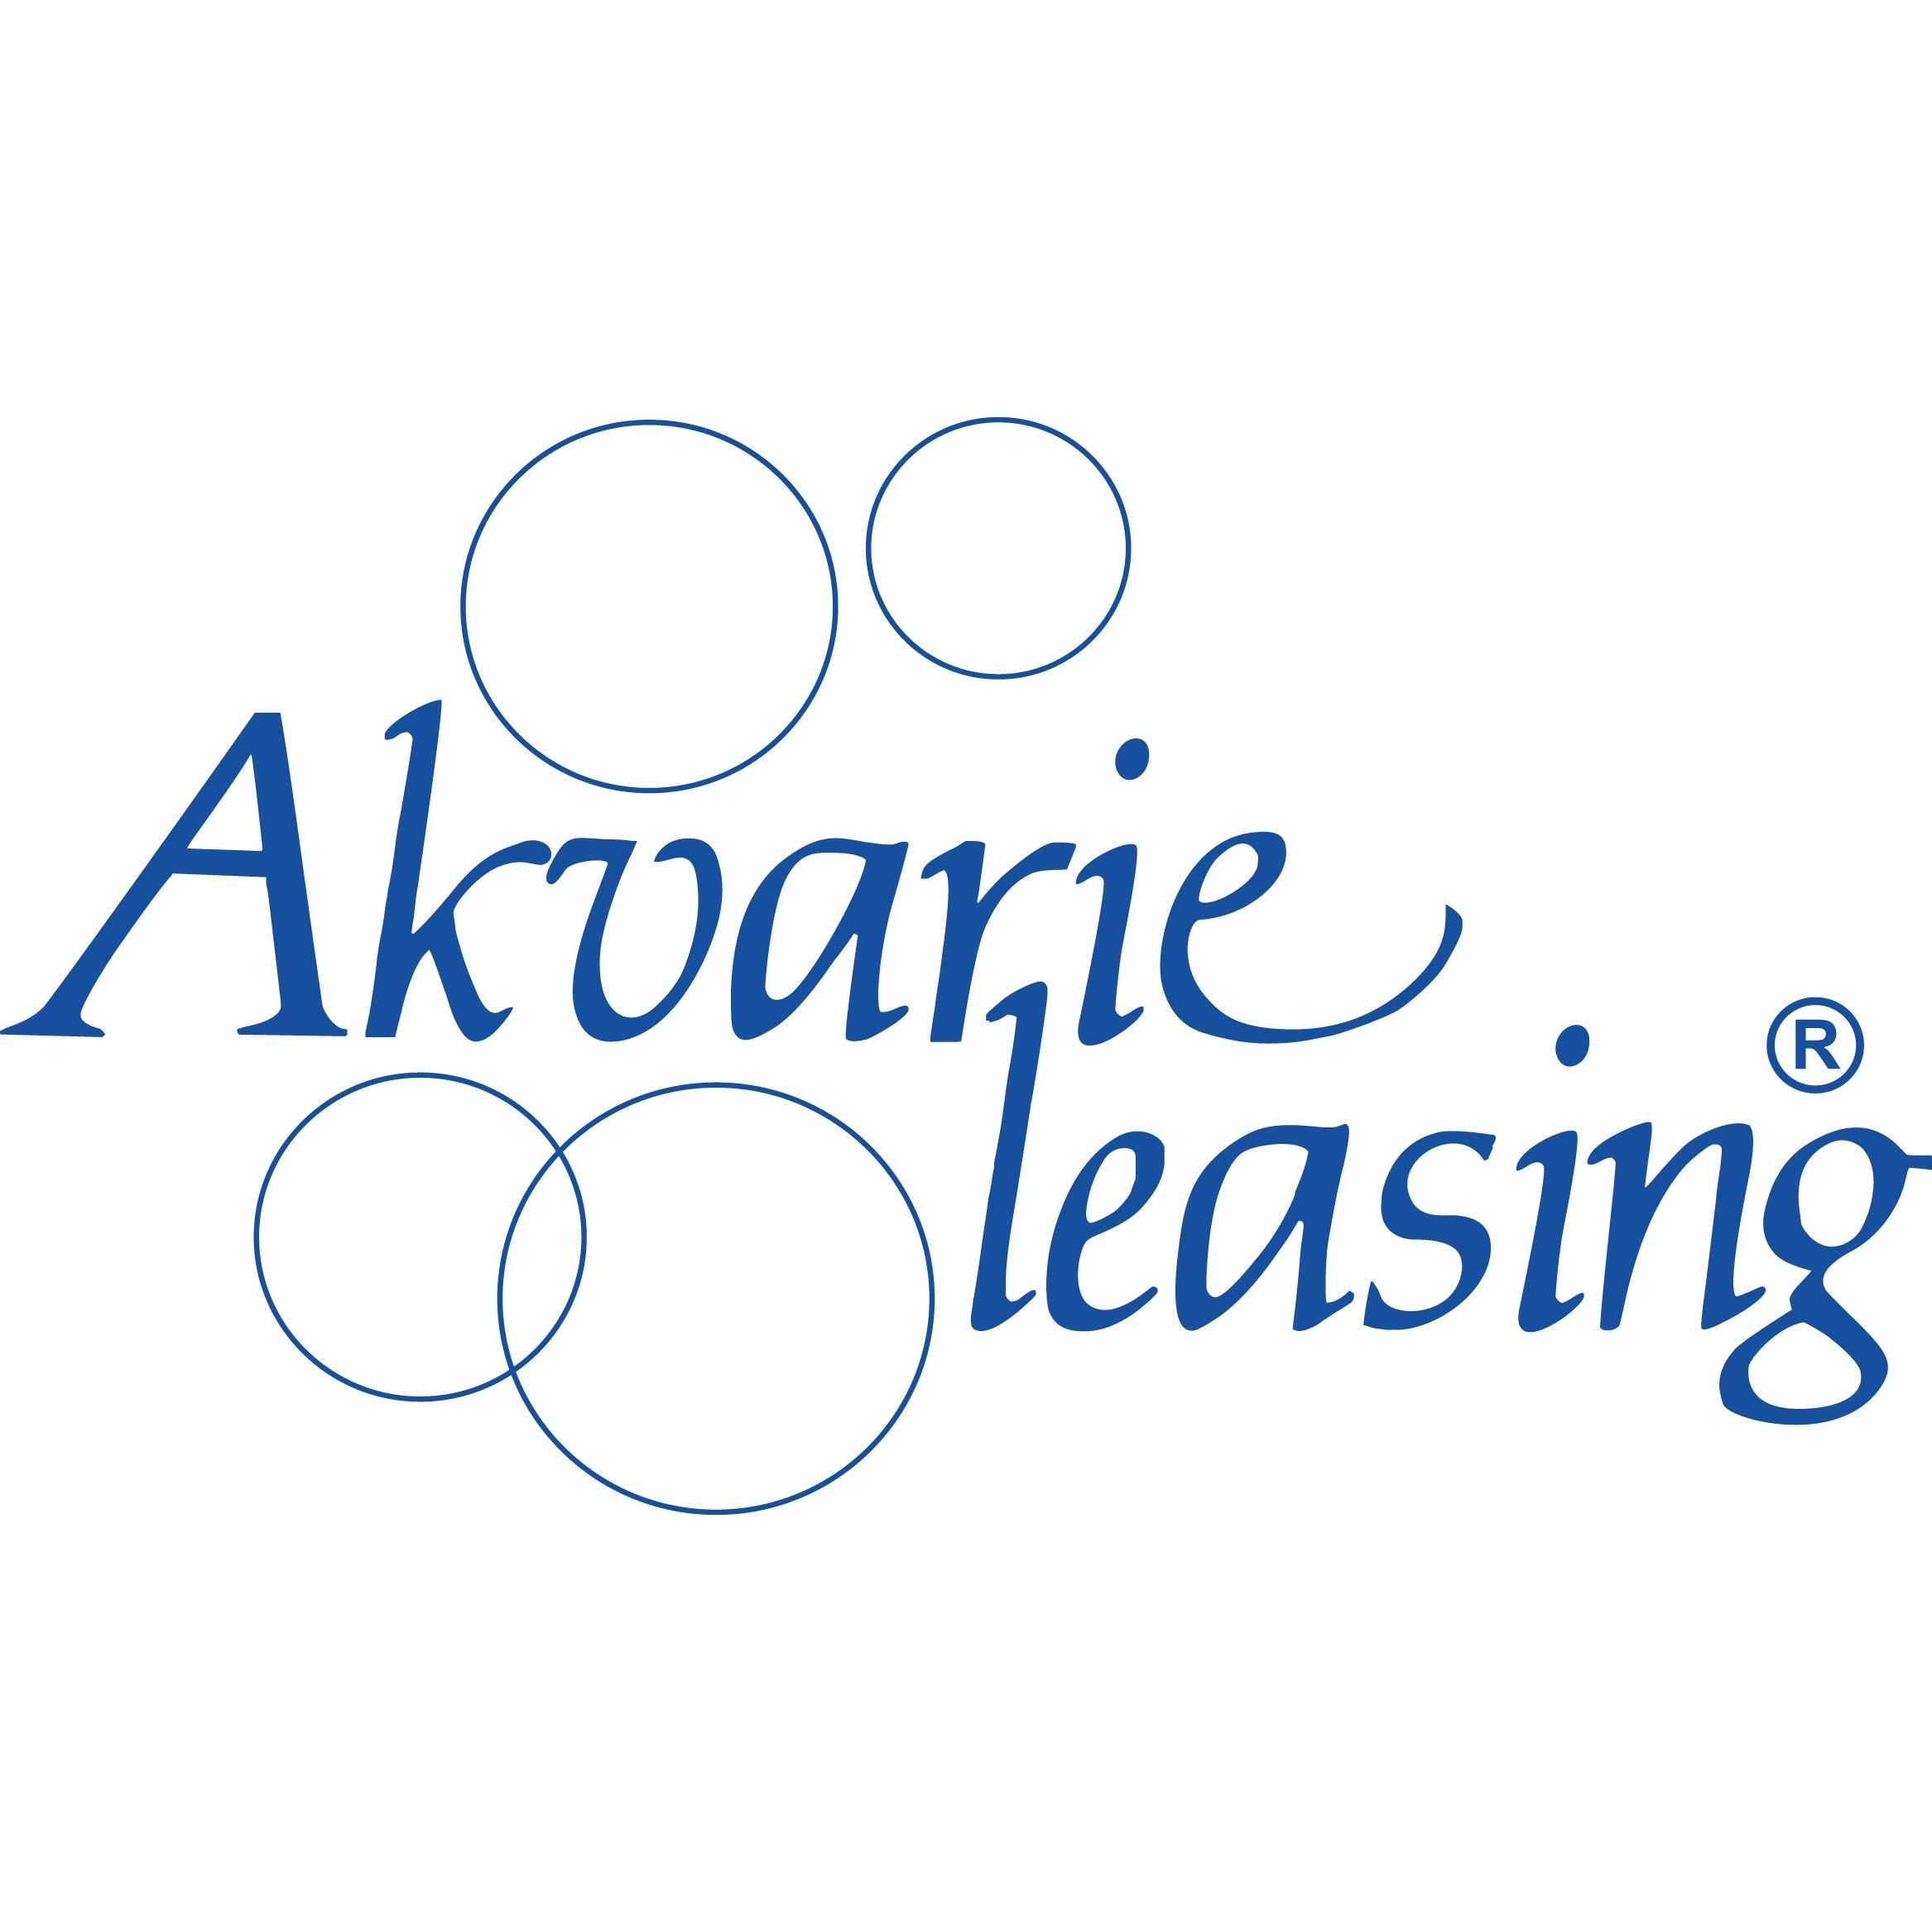 Akvarie-Leasing AB